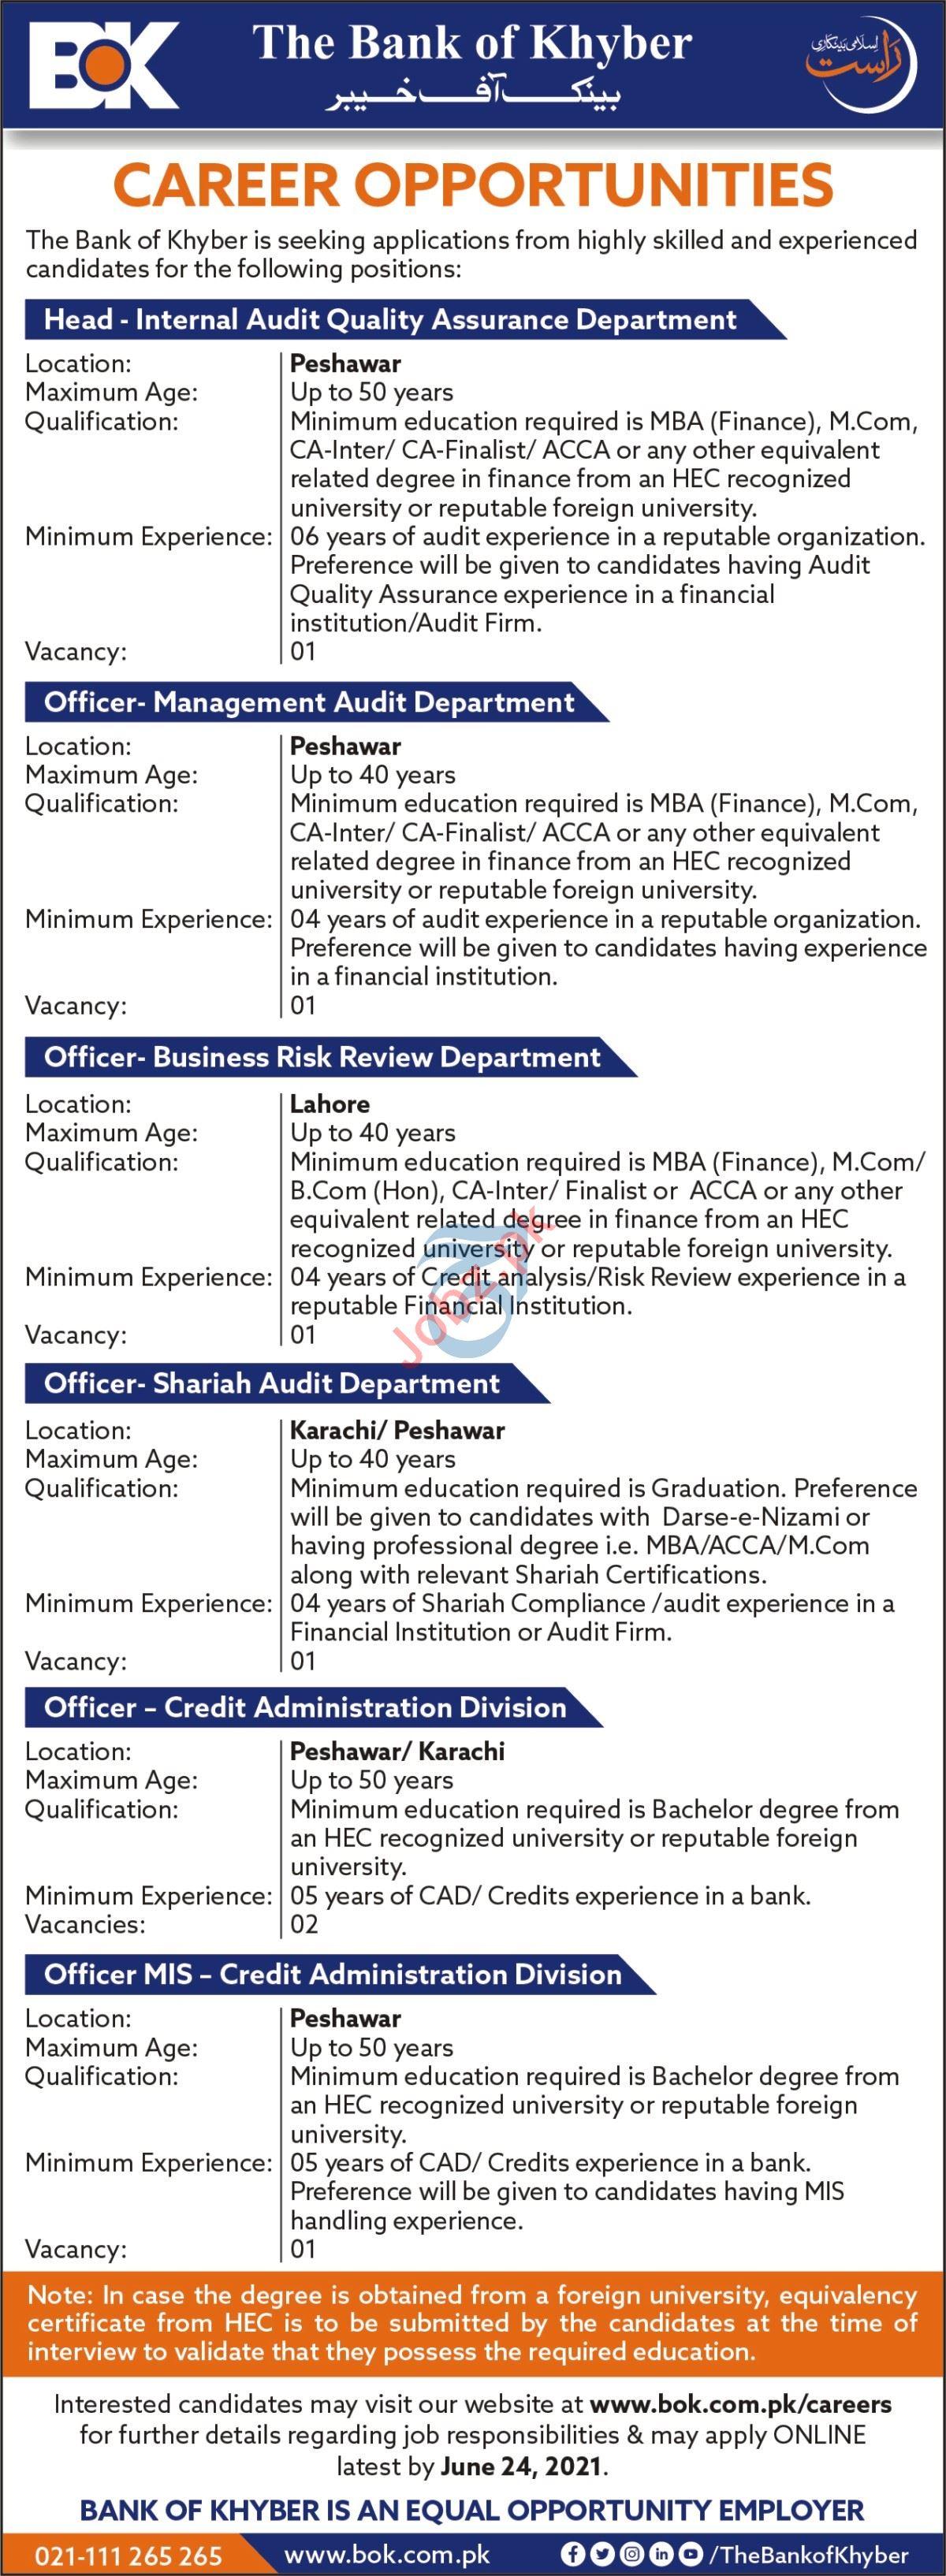 Bank of Khyber BOK Jobs 2021 for Officer Shariah Audit